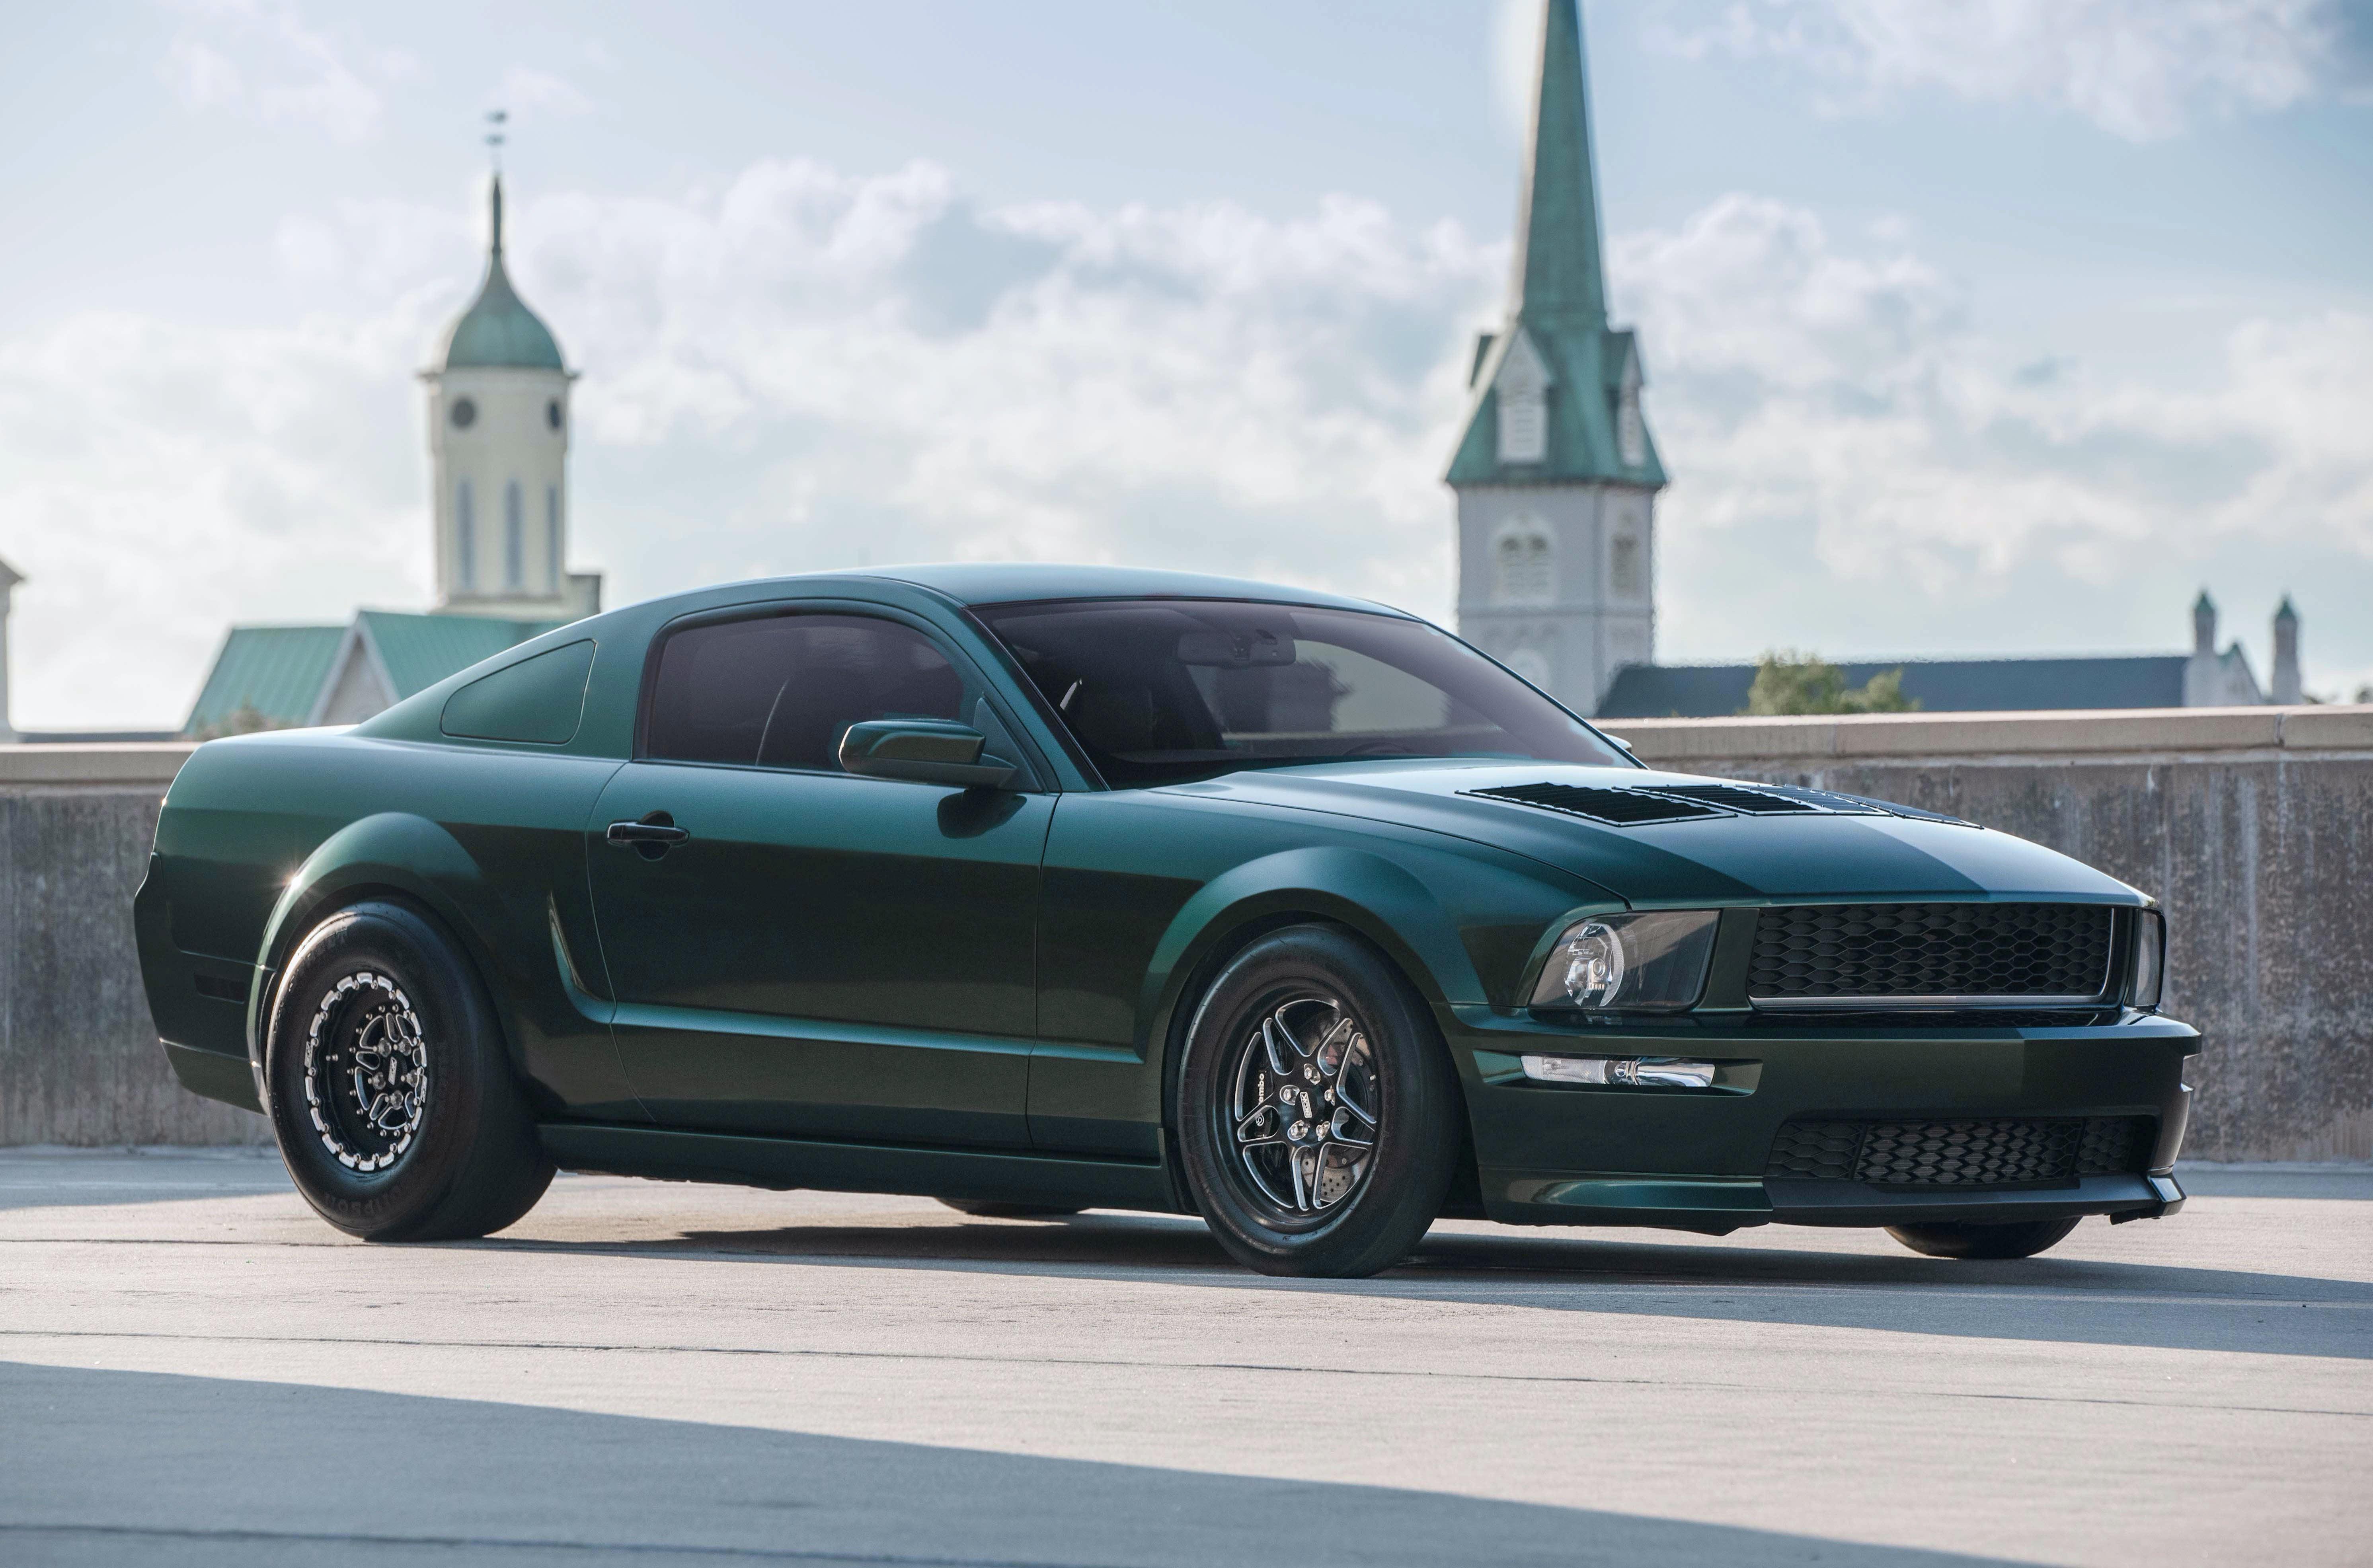 ford mustang gt500 4k 1608819768 - Ford Mustang Gt500 4k - Ford Mustang Gt500 4k wallpapers